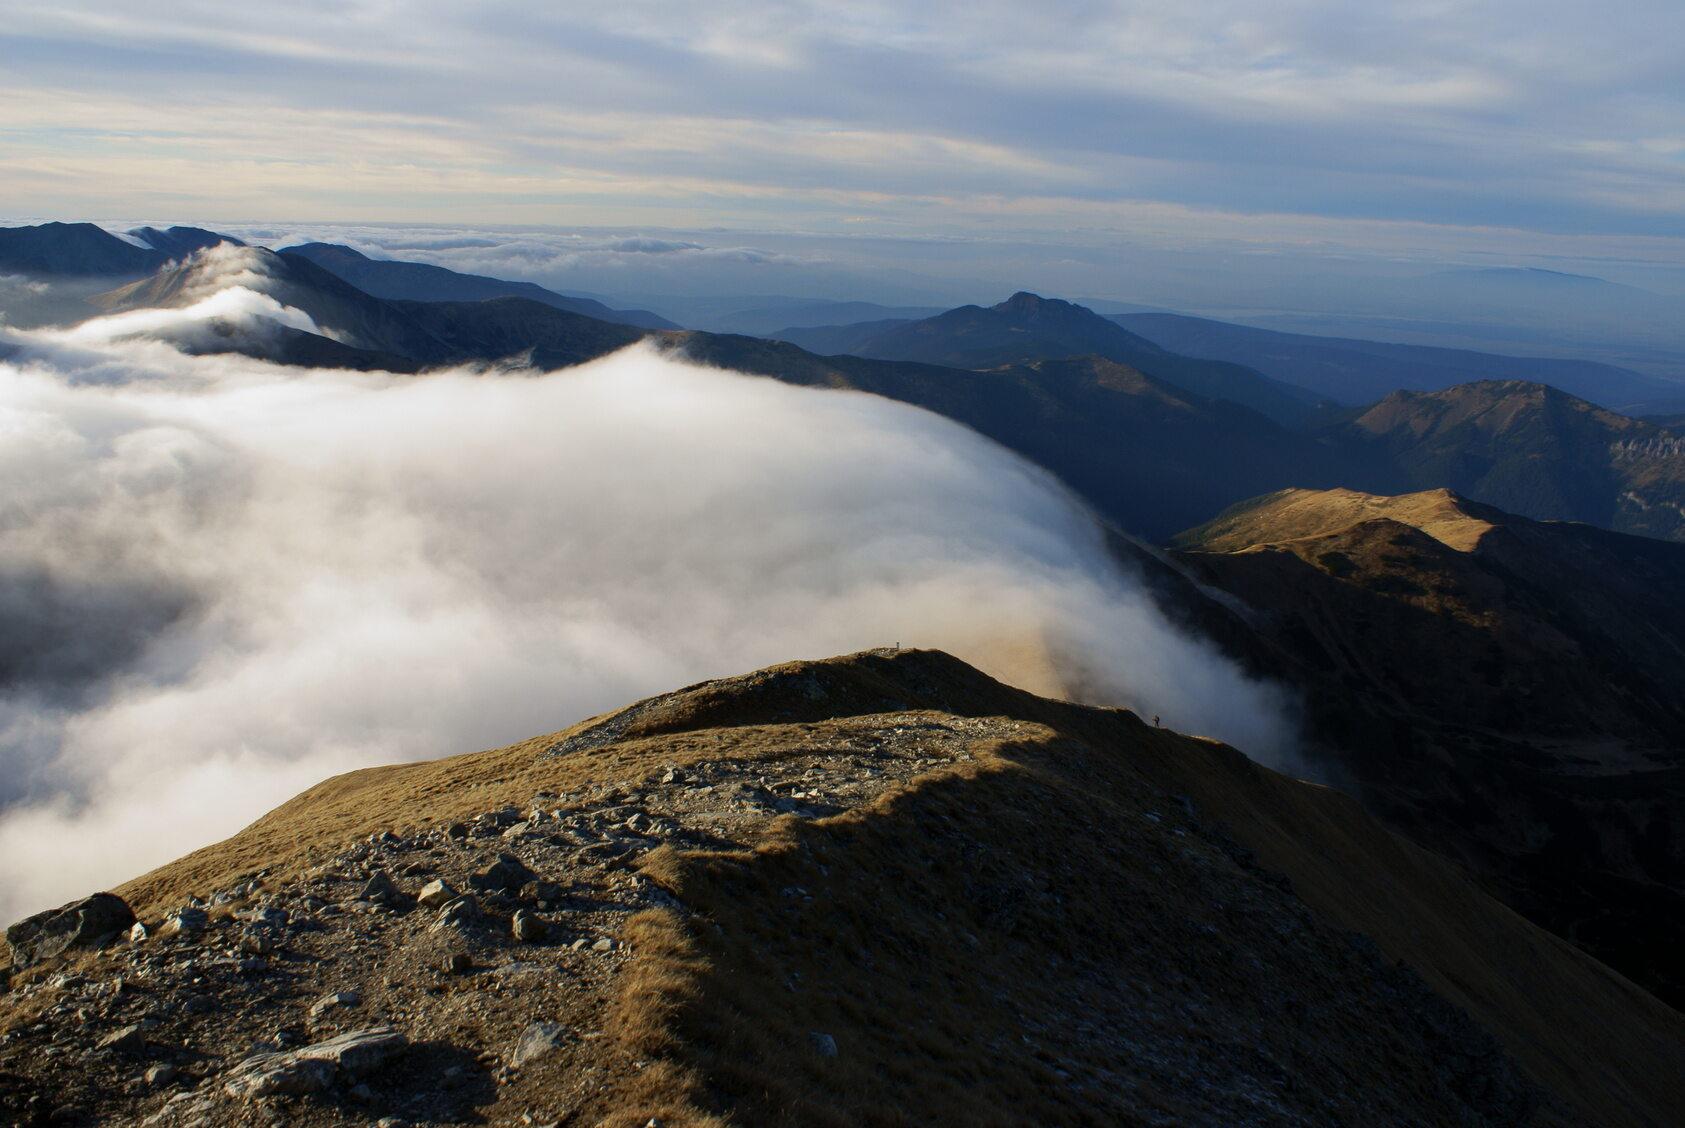 Chmury po jednej ze stron szczytu w trakcie halnego